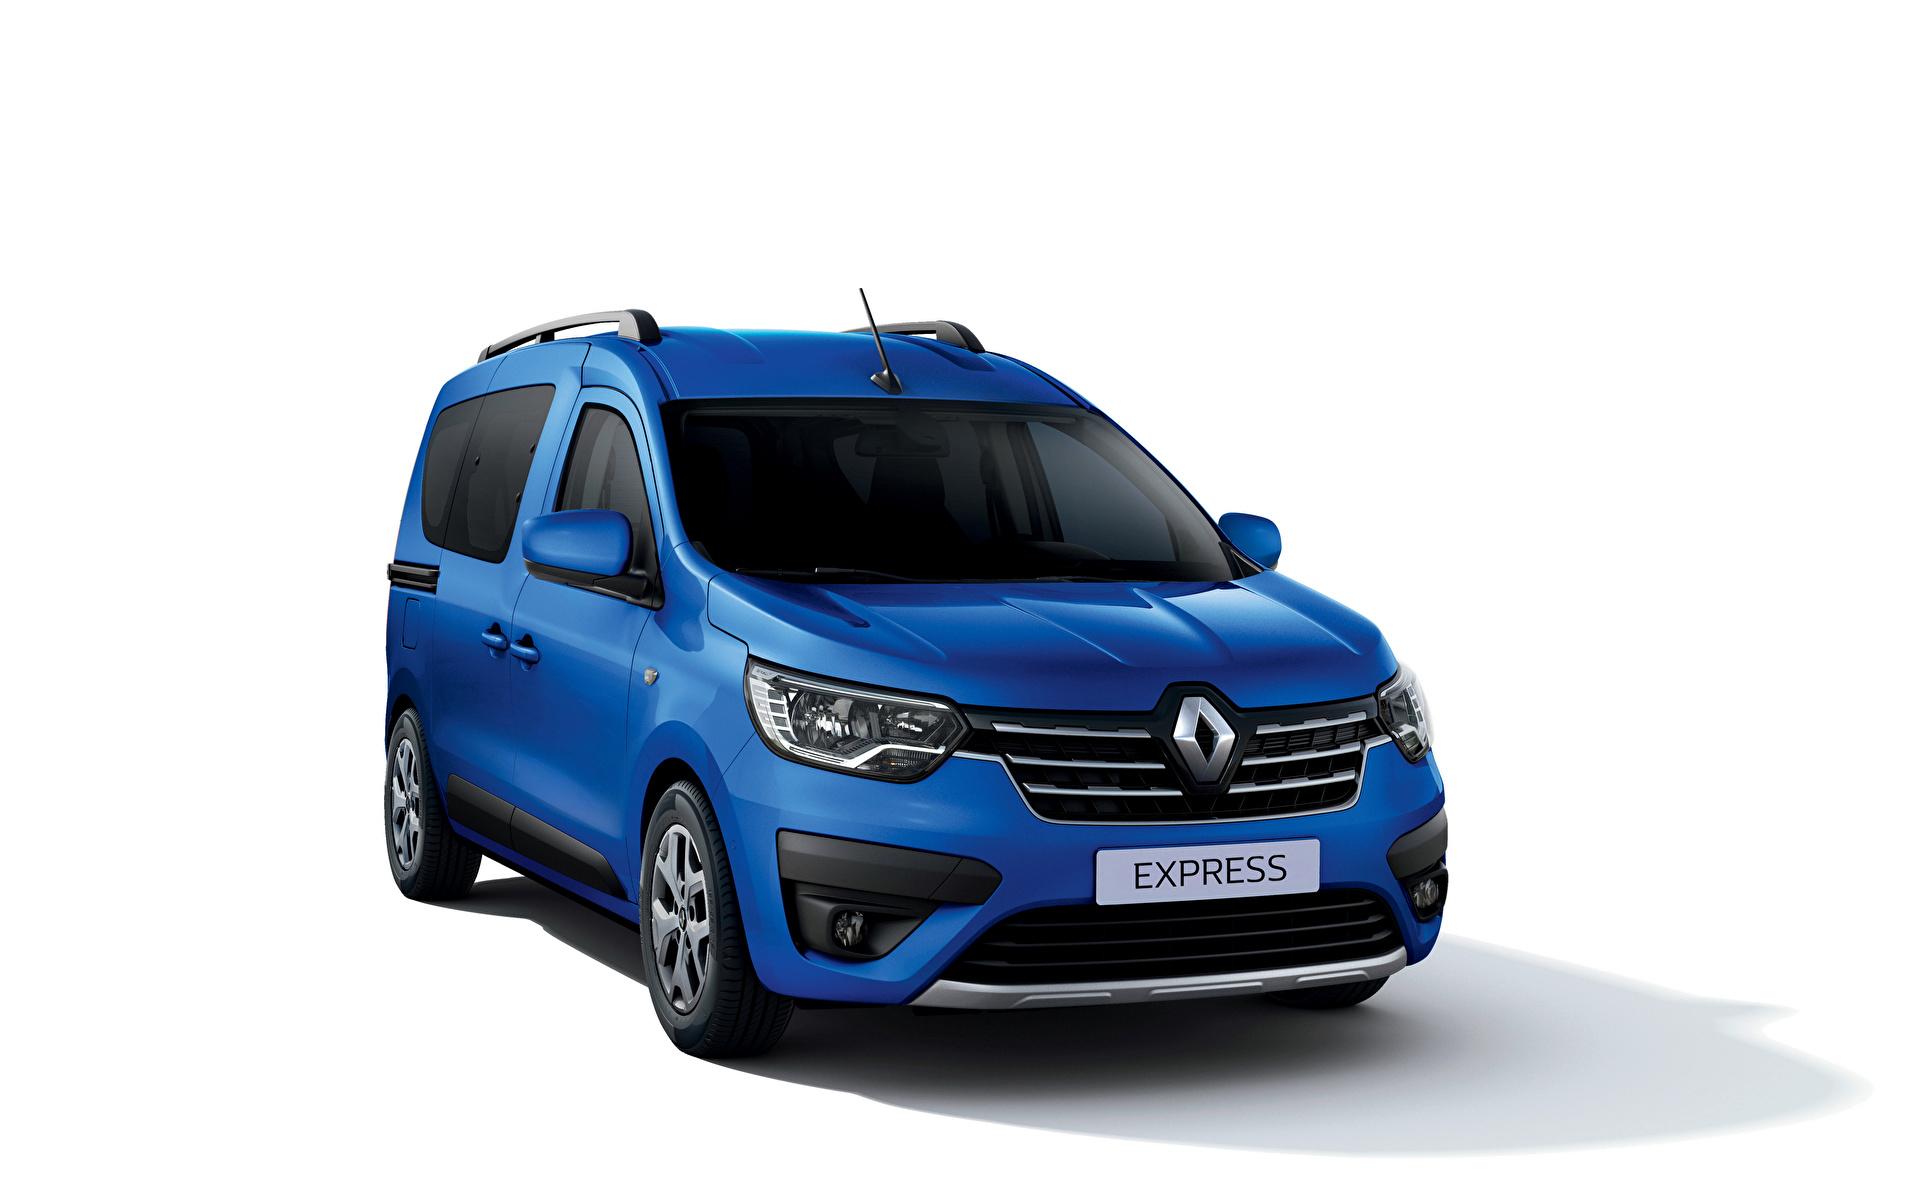 Desktop Hintergrundbilder Renault Express, 2021 Ein Van Blau automobil Metallisch Weißer hintergrund 1920x1200 auto Autos